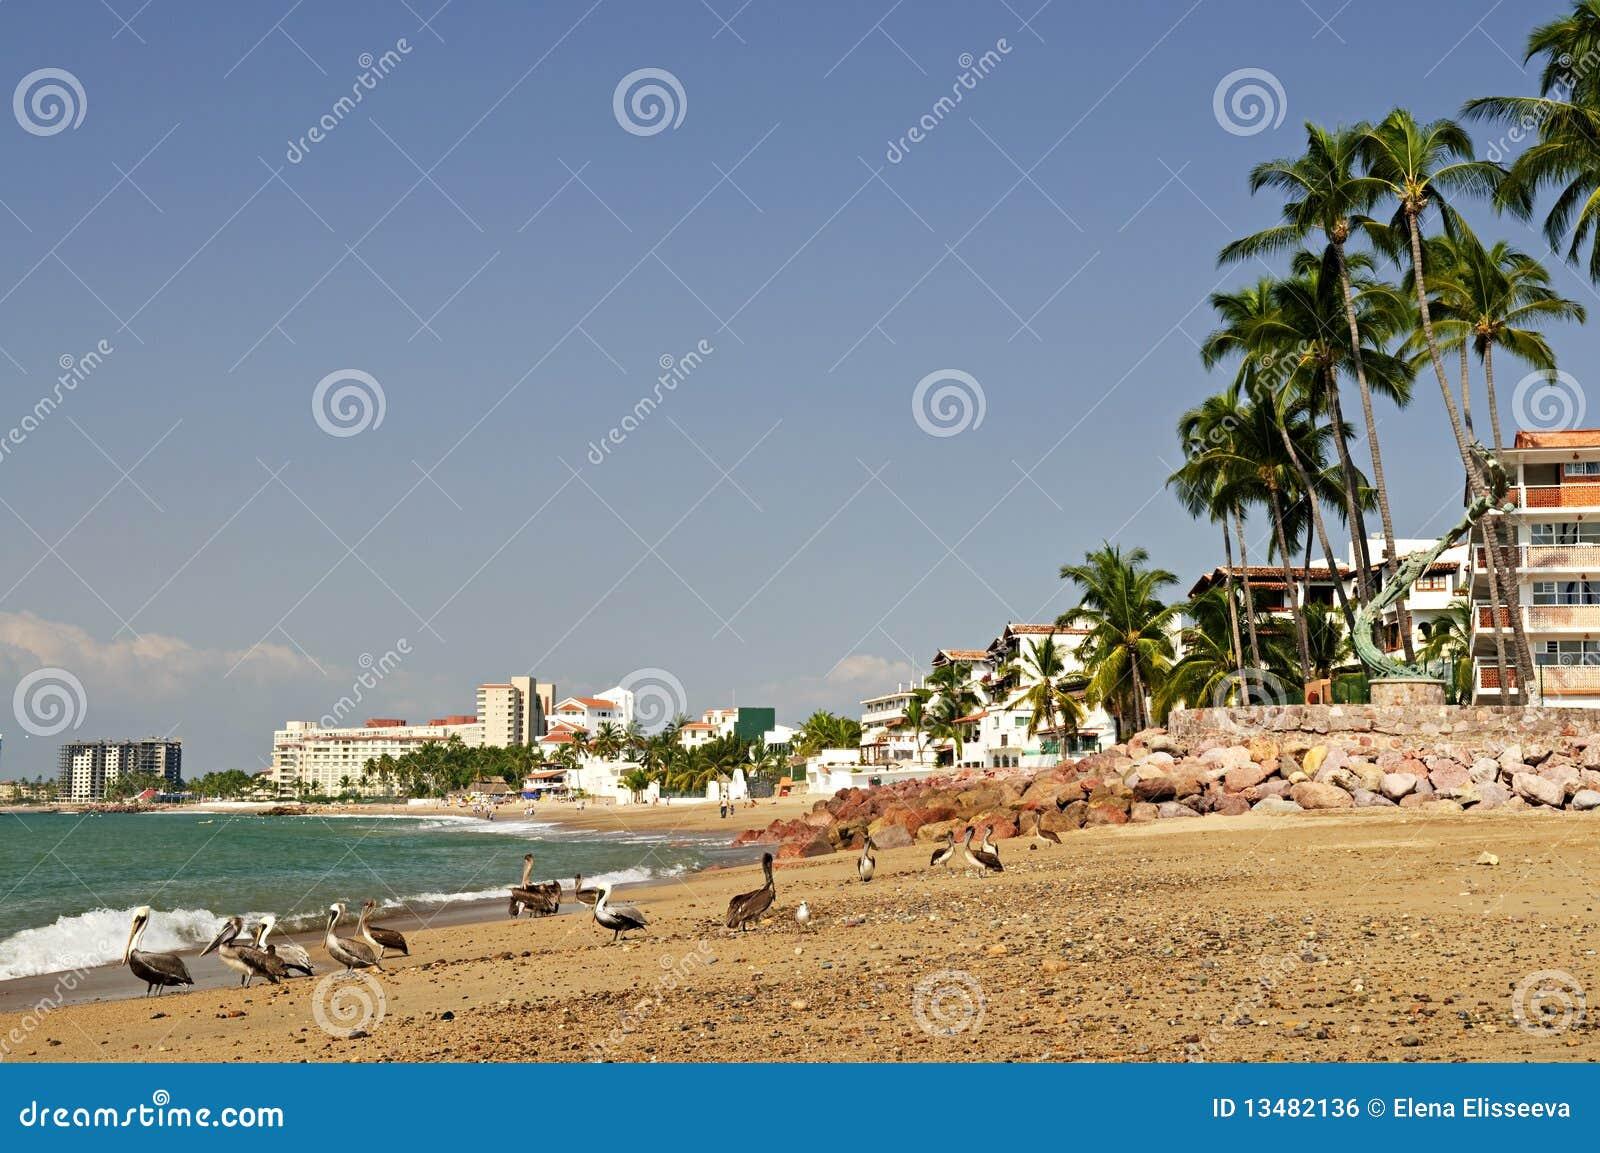 Pelícanos en la playa en México